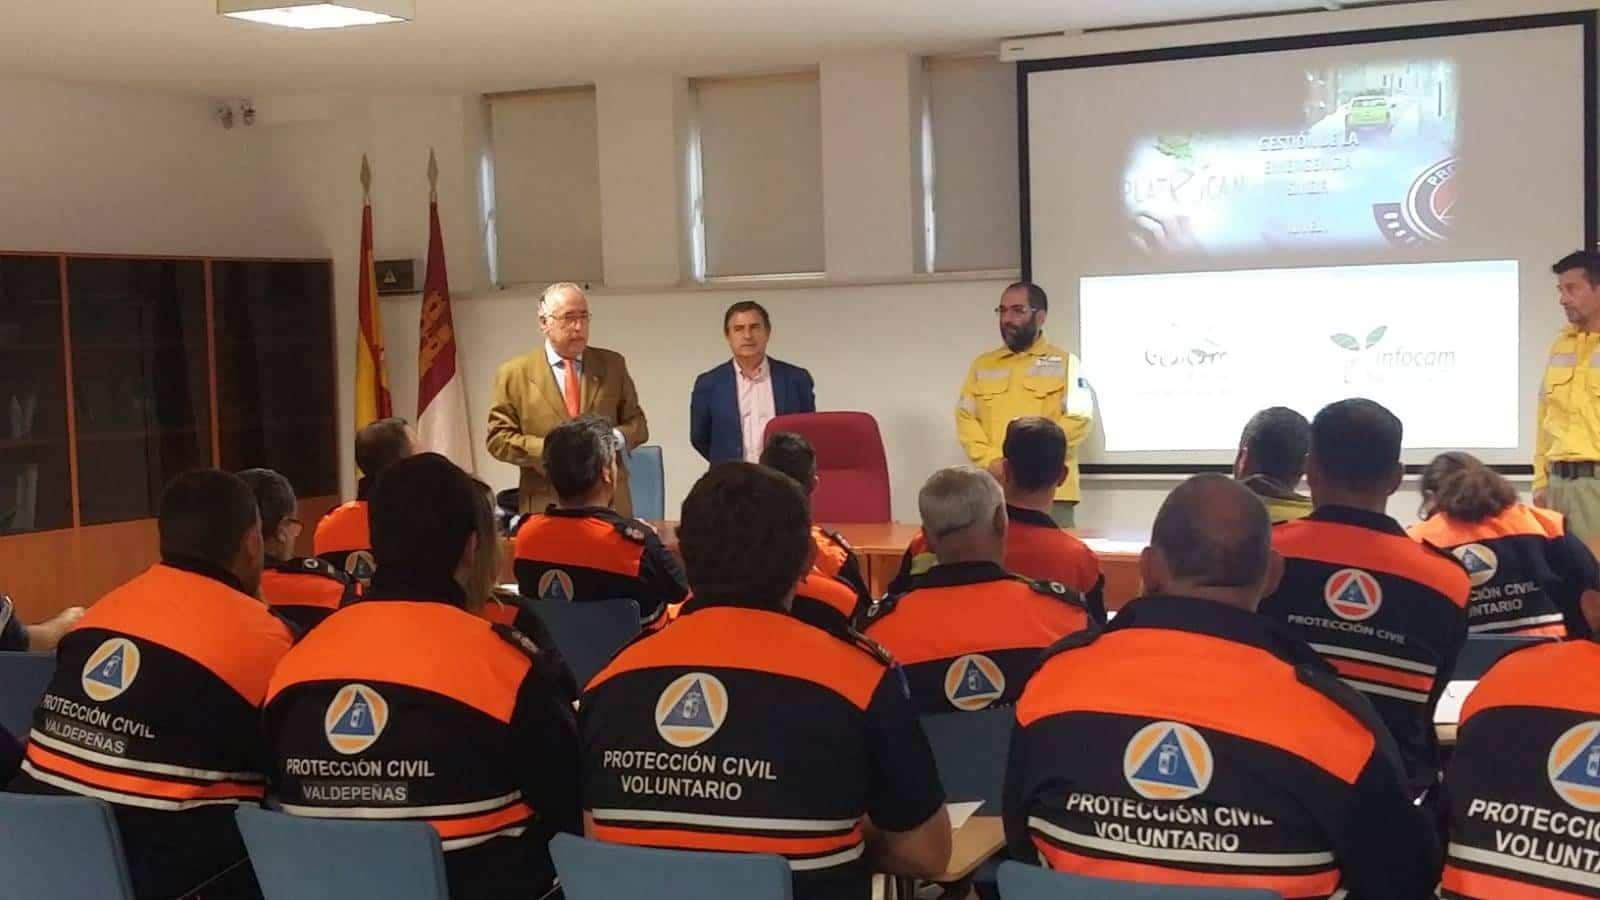 Protección Civil de Herencia mejoran técnicas y procedimientos contra incendios 3